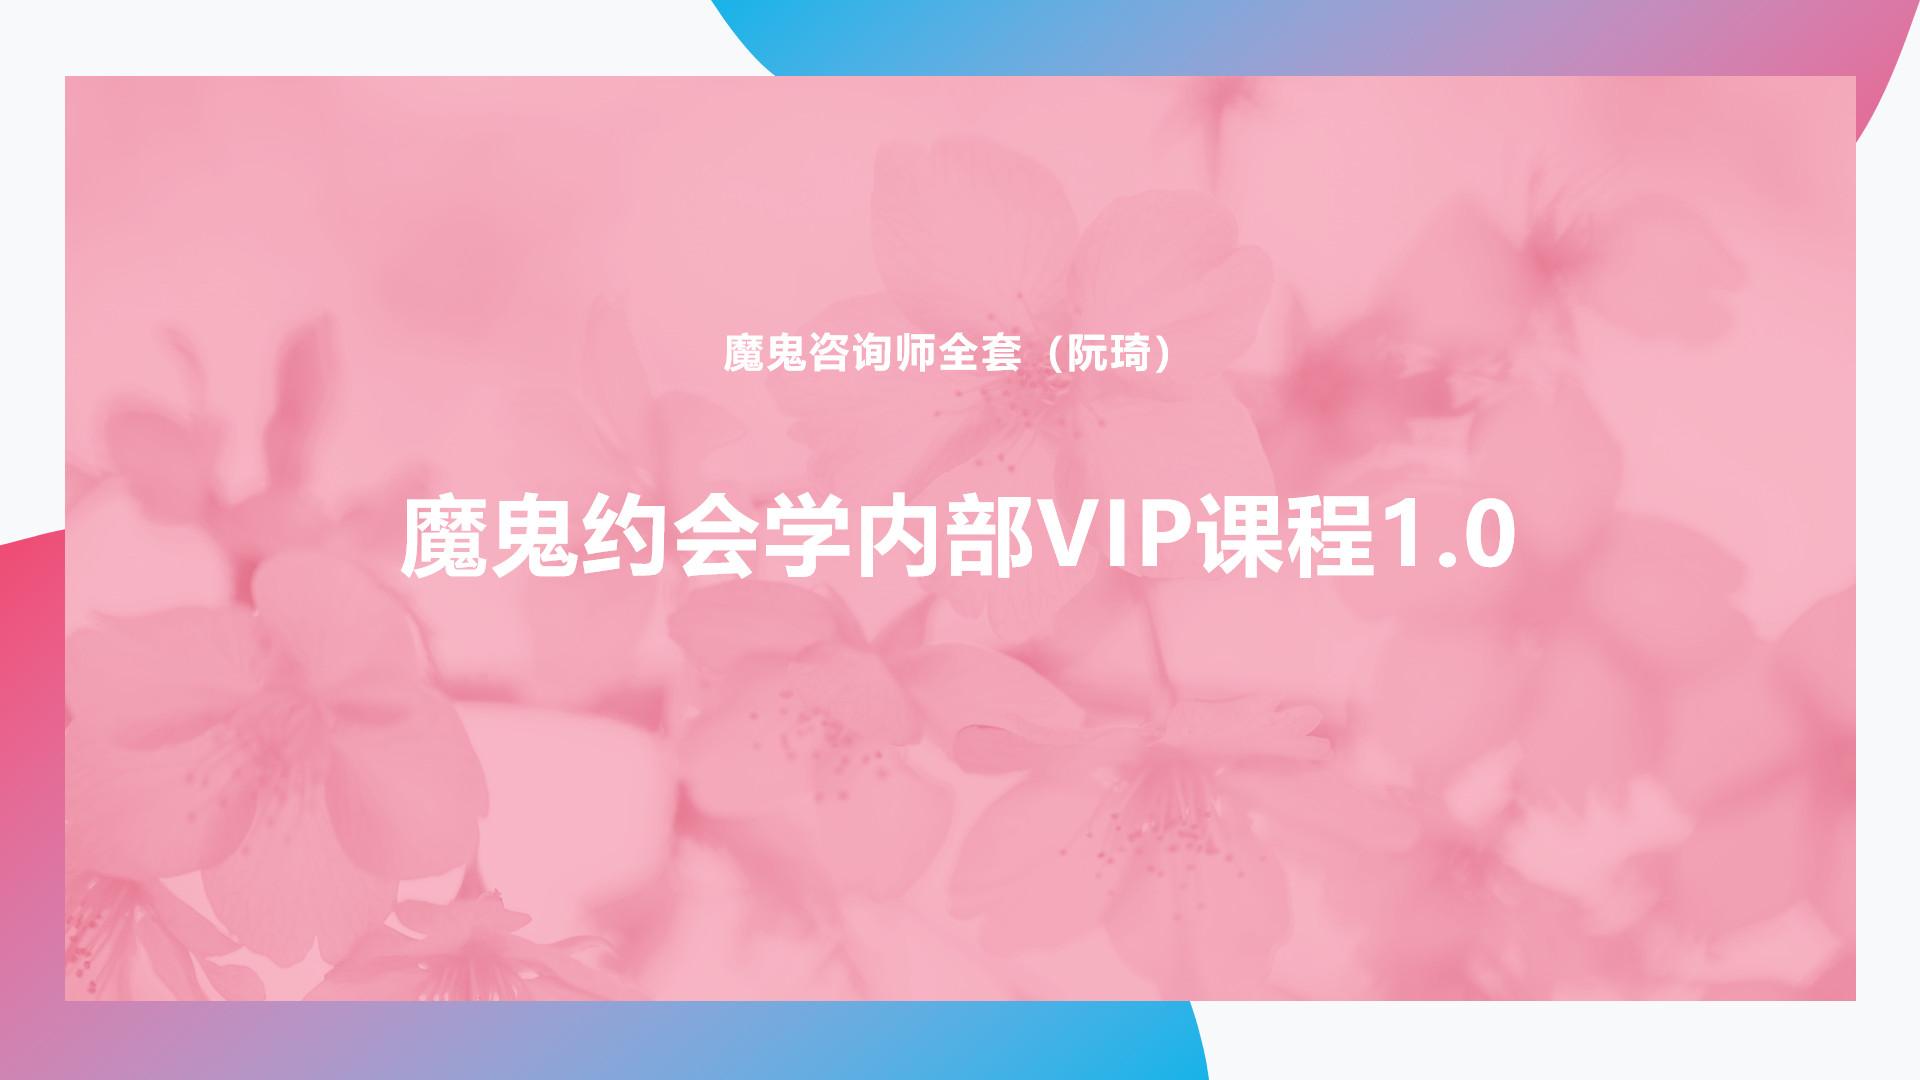 魔鬼咨询师全套(阮琦)-魔鬼约会学内部VIP课程1.0